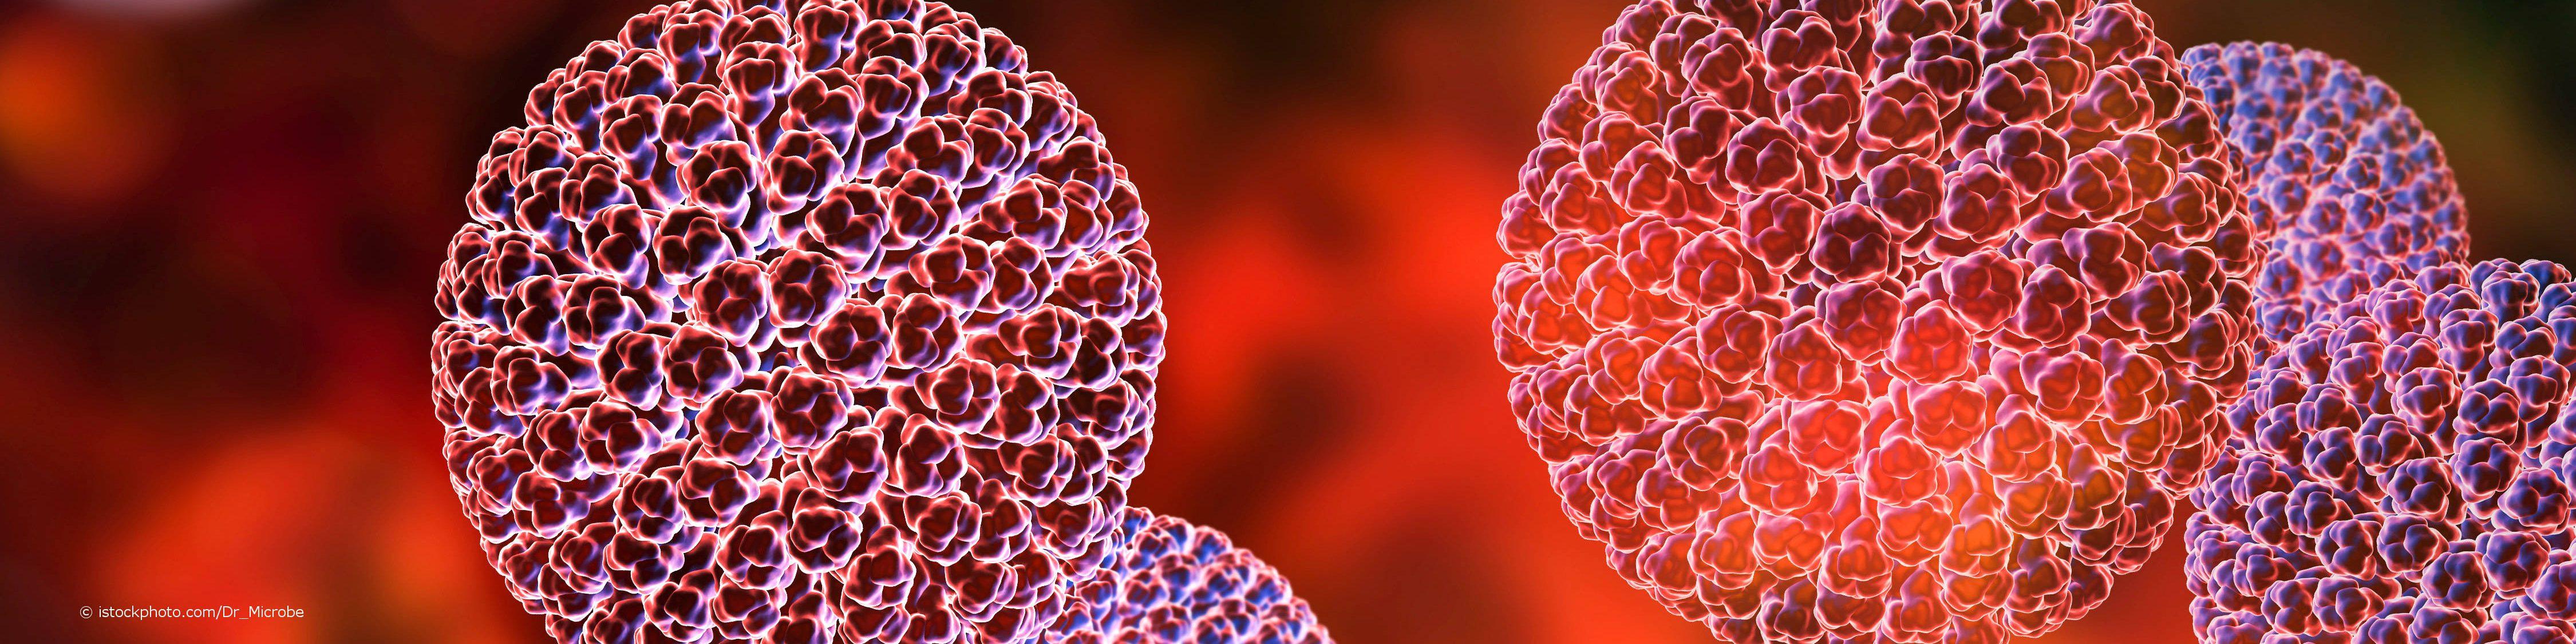 Rotaviren haben keine Hülle und sind dadurch für gängige Desinfektionsmittel schwer angreifbar.